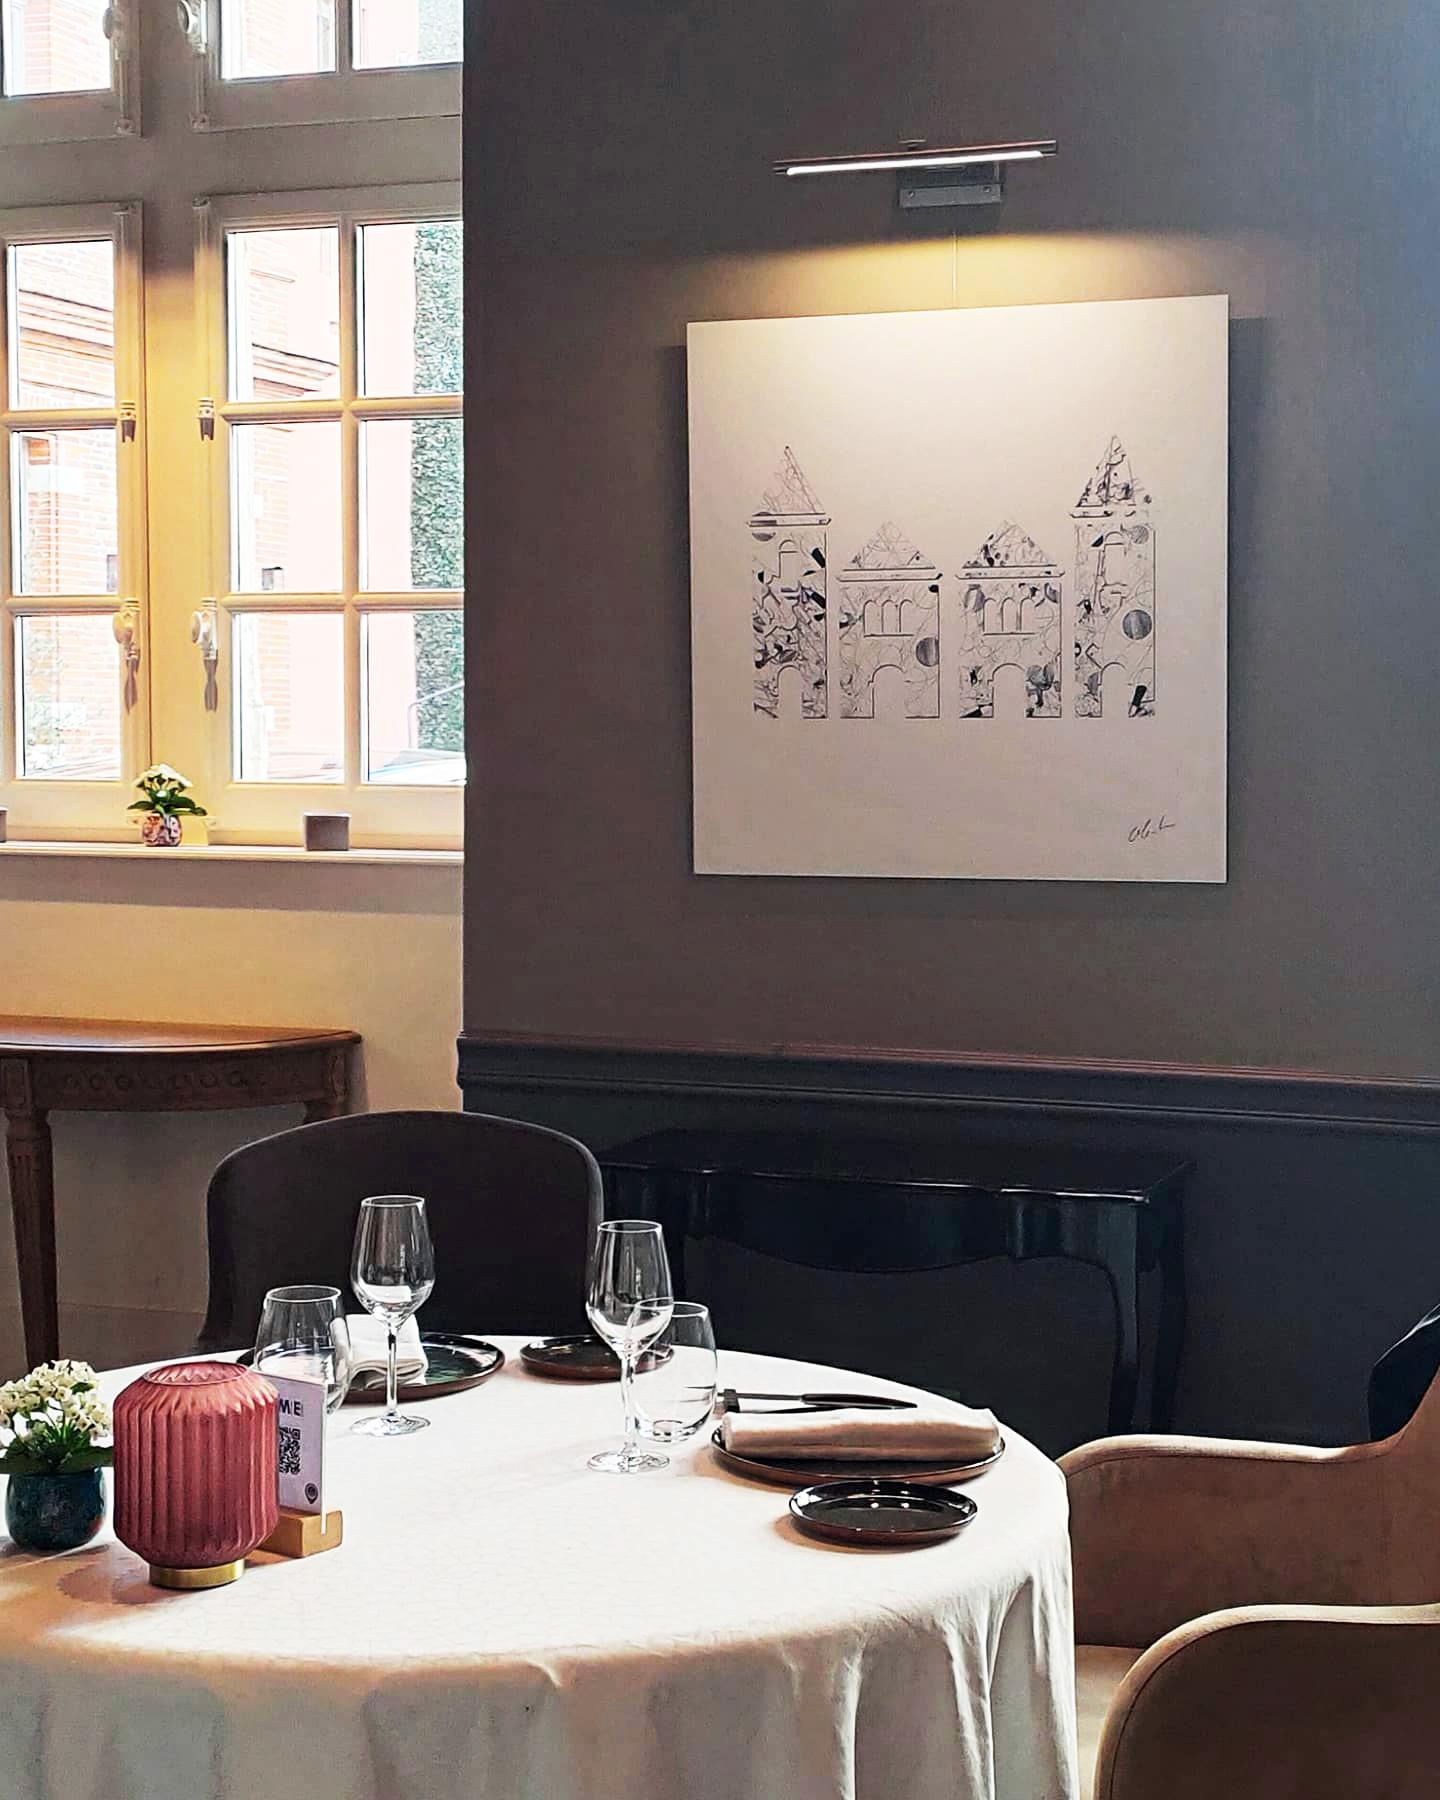 """Photographie du dessin intitulé """"Le groupe Cité Hôtels"""" exposé au restaurant Le Cénacle de Toulouse"""